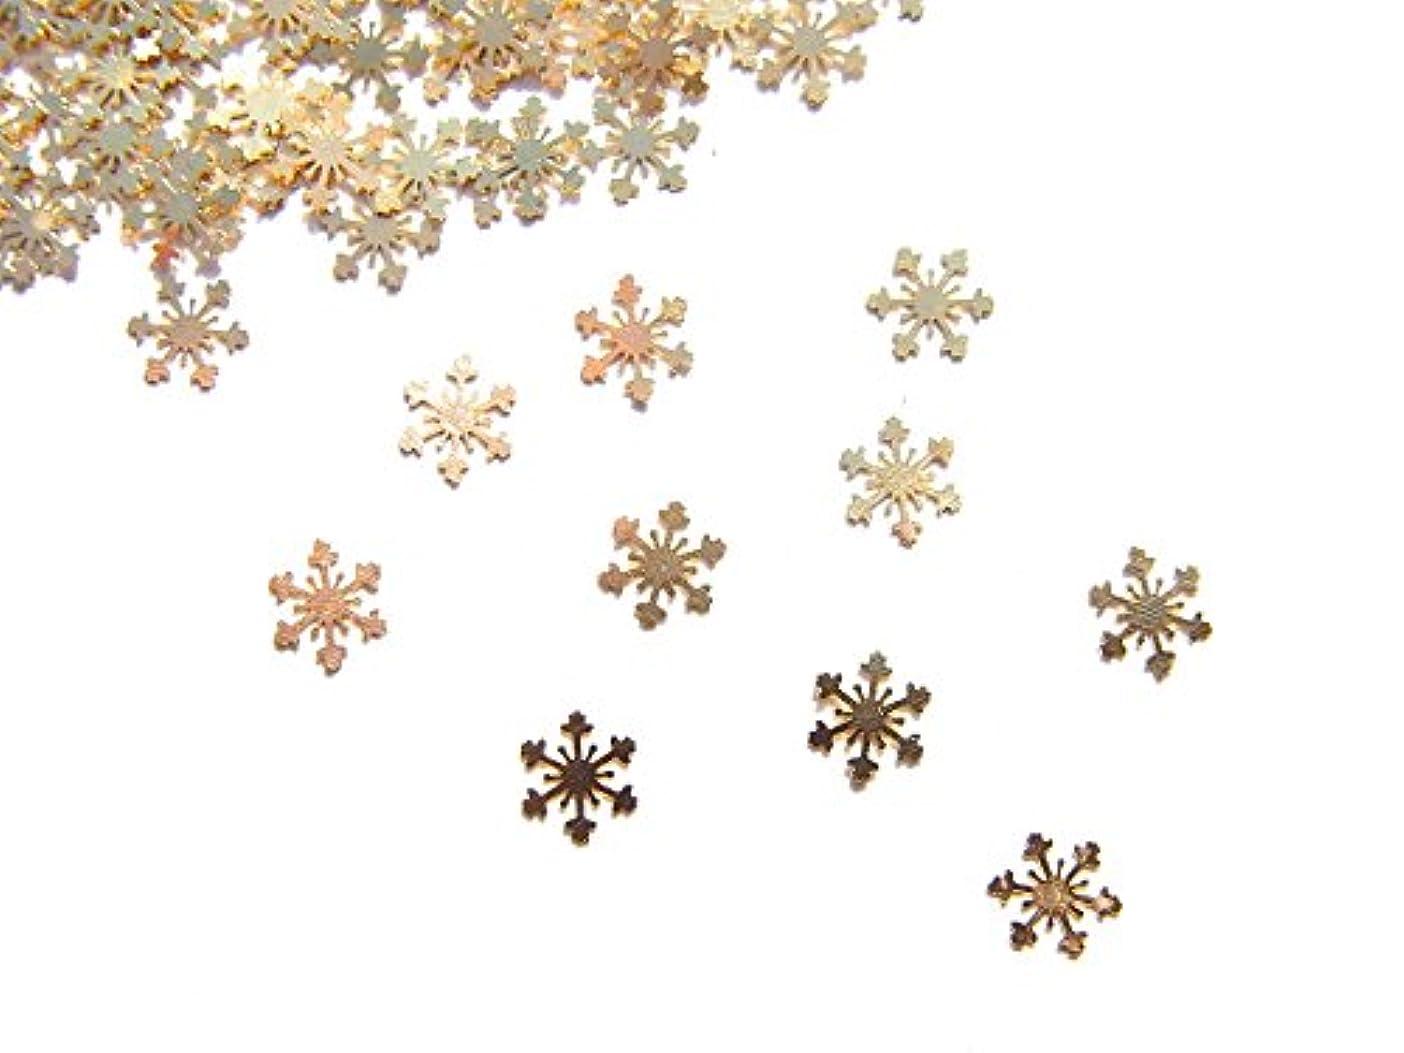 下る子ビール【jewel】薄型ネイルパーツ ゴールド 結晶10個